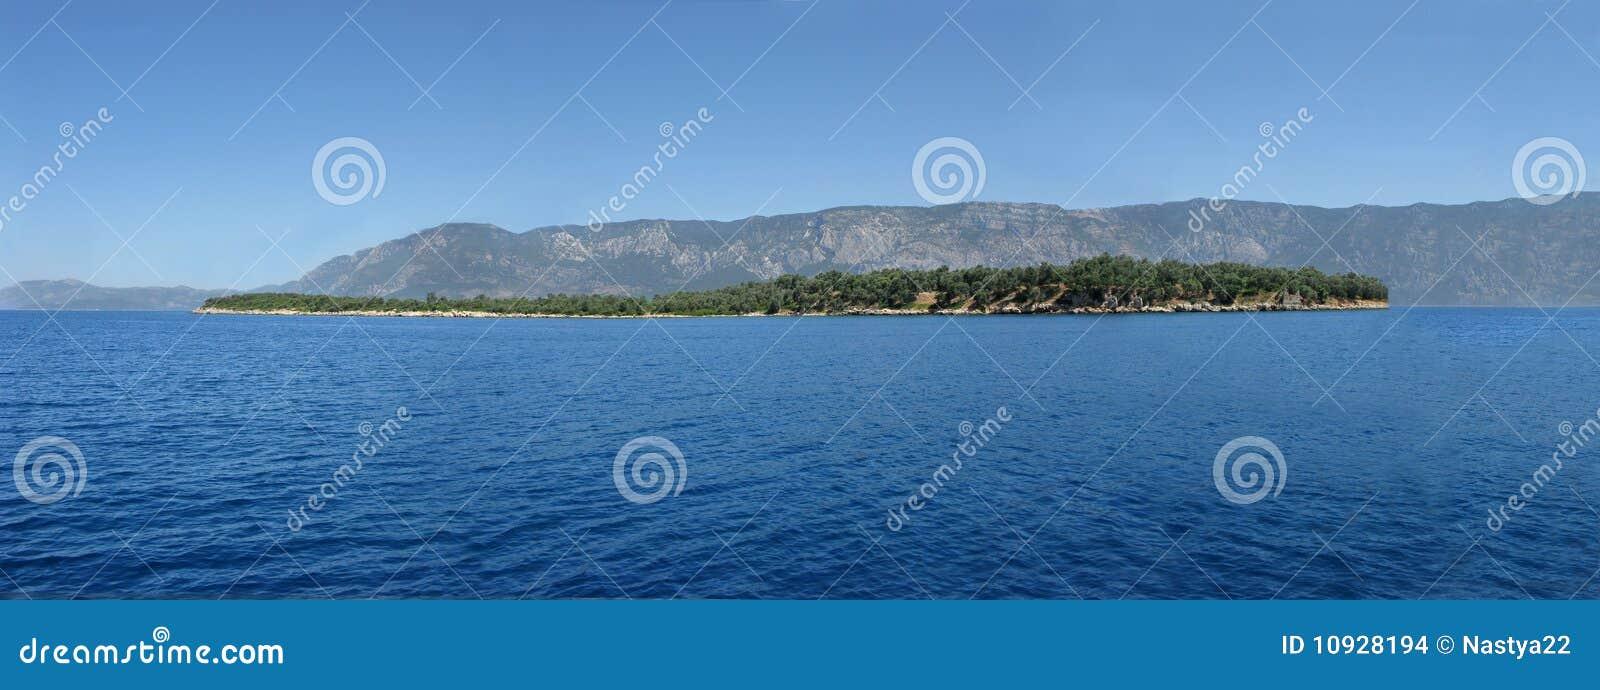 море панорамы острова в Эгейском море